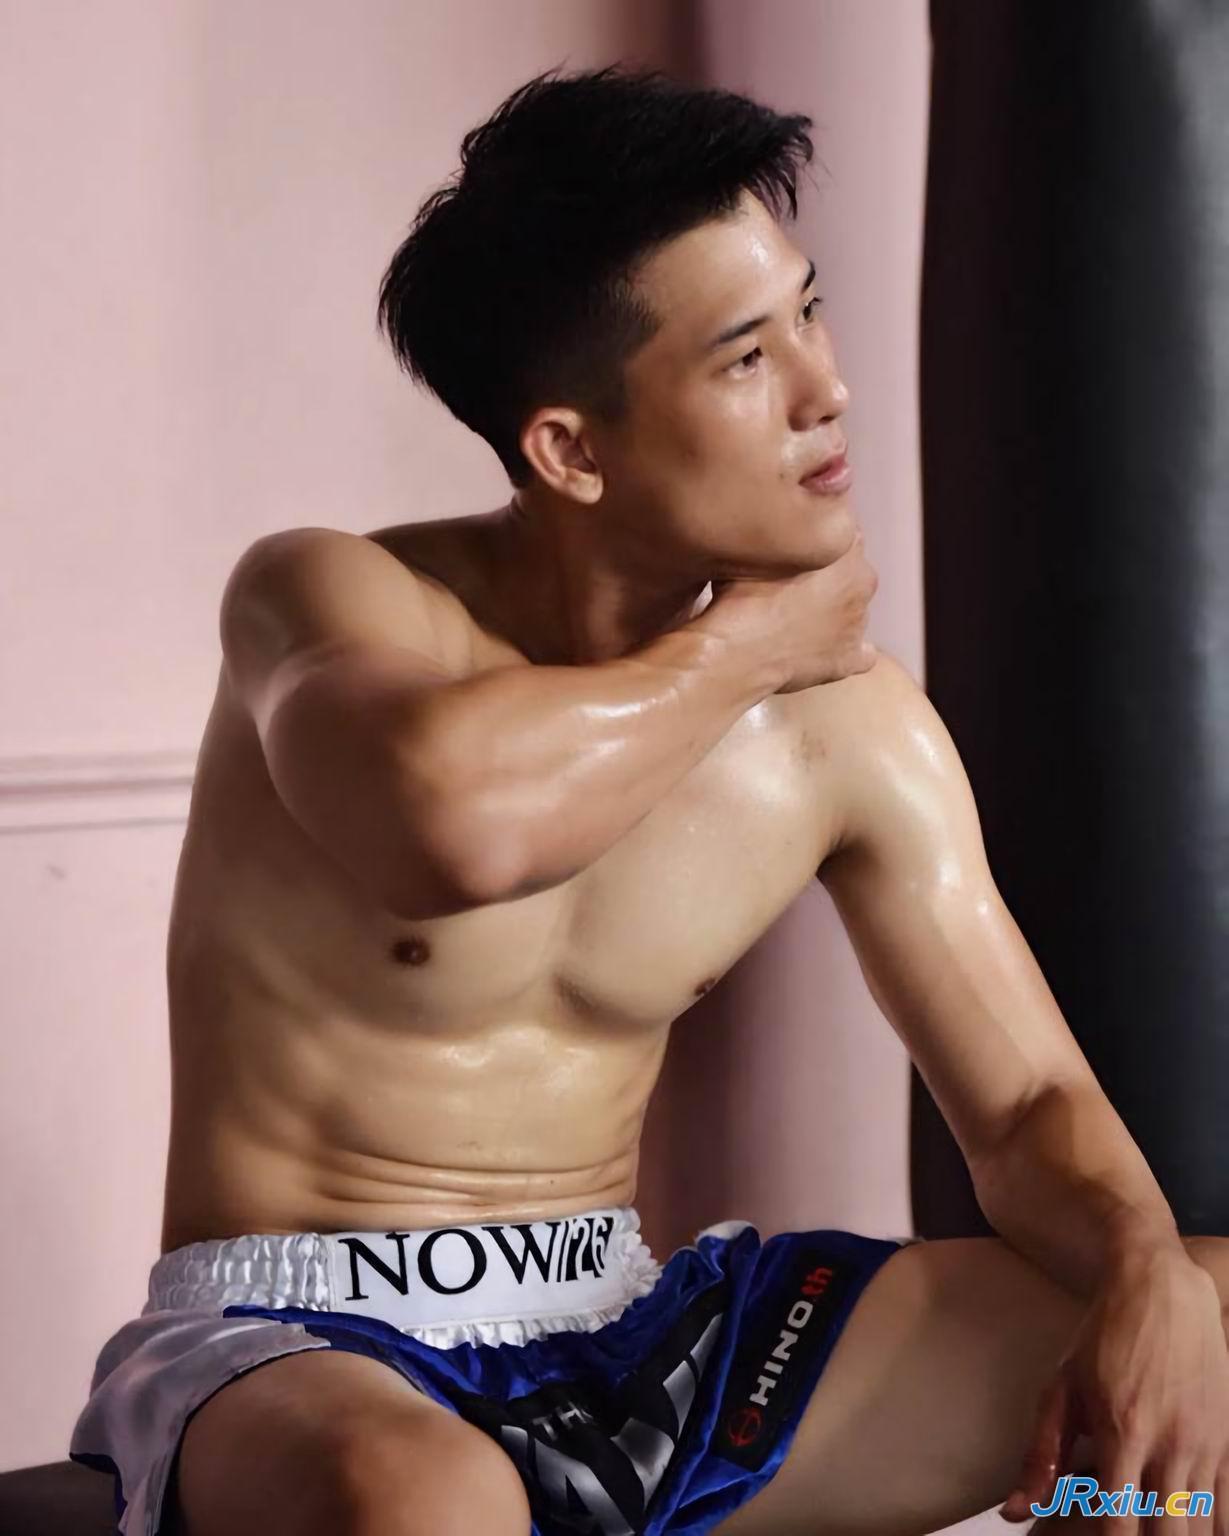 东南亚薄肌肌肉帅哥 泰国轻量级拳击手